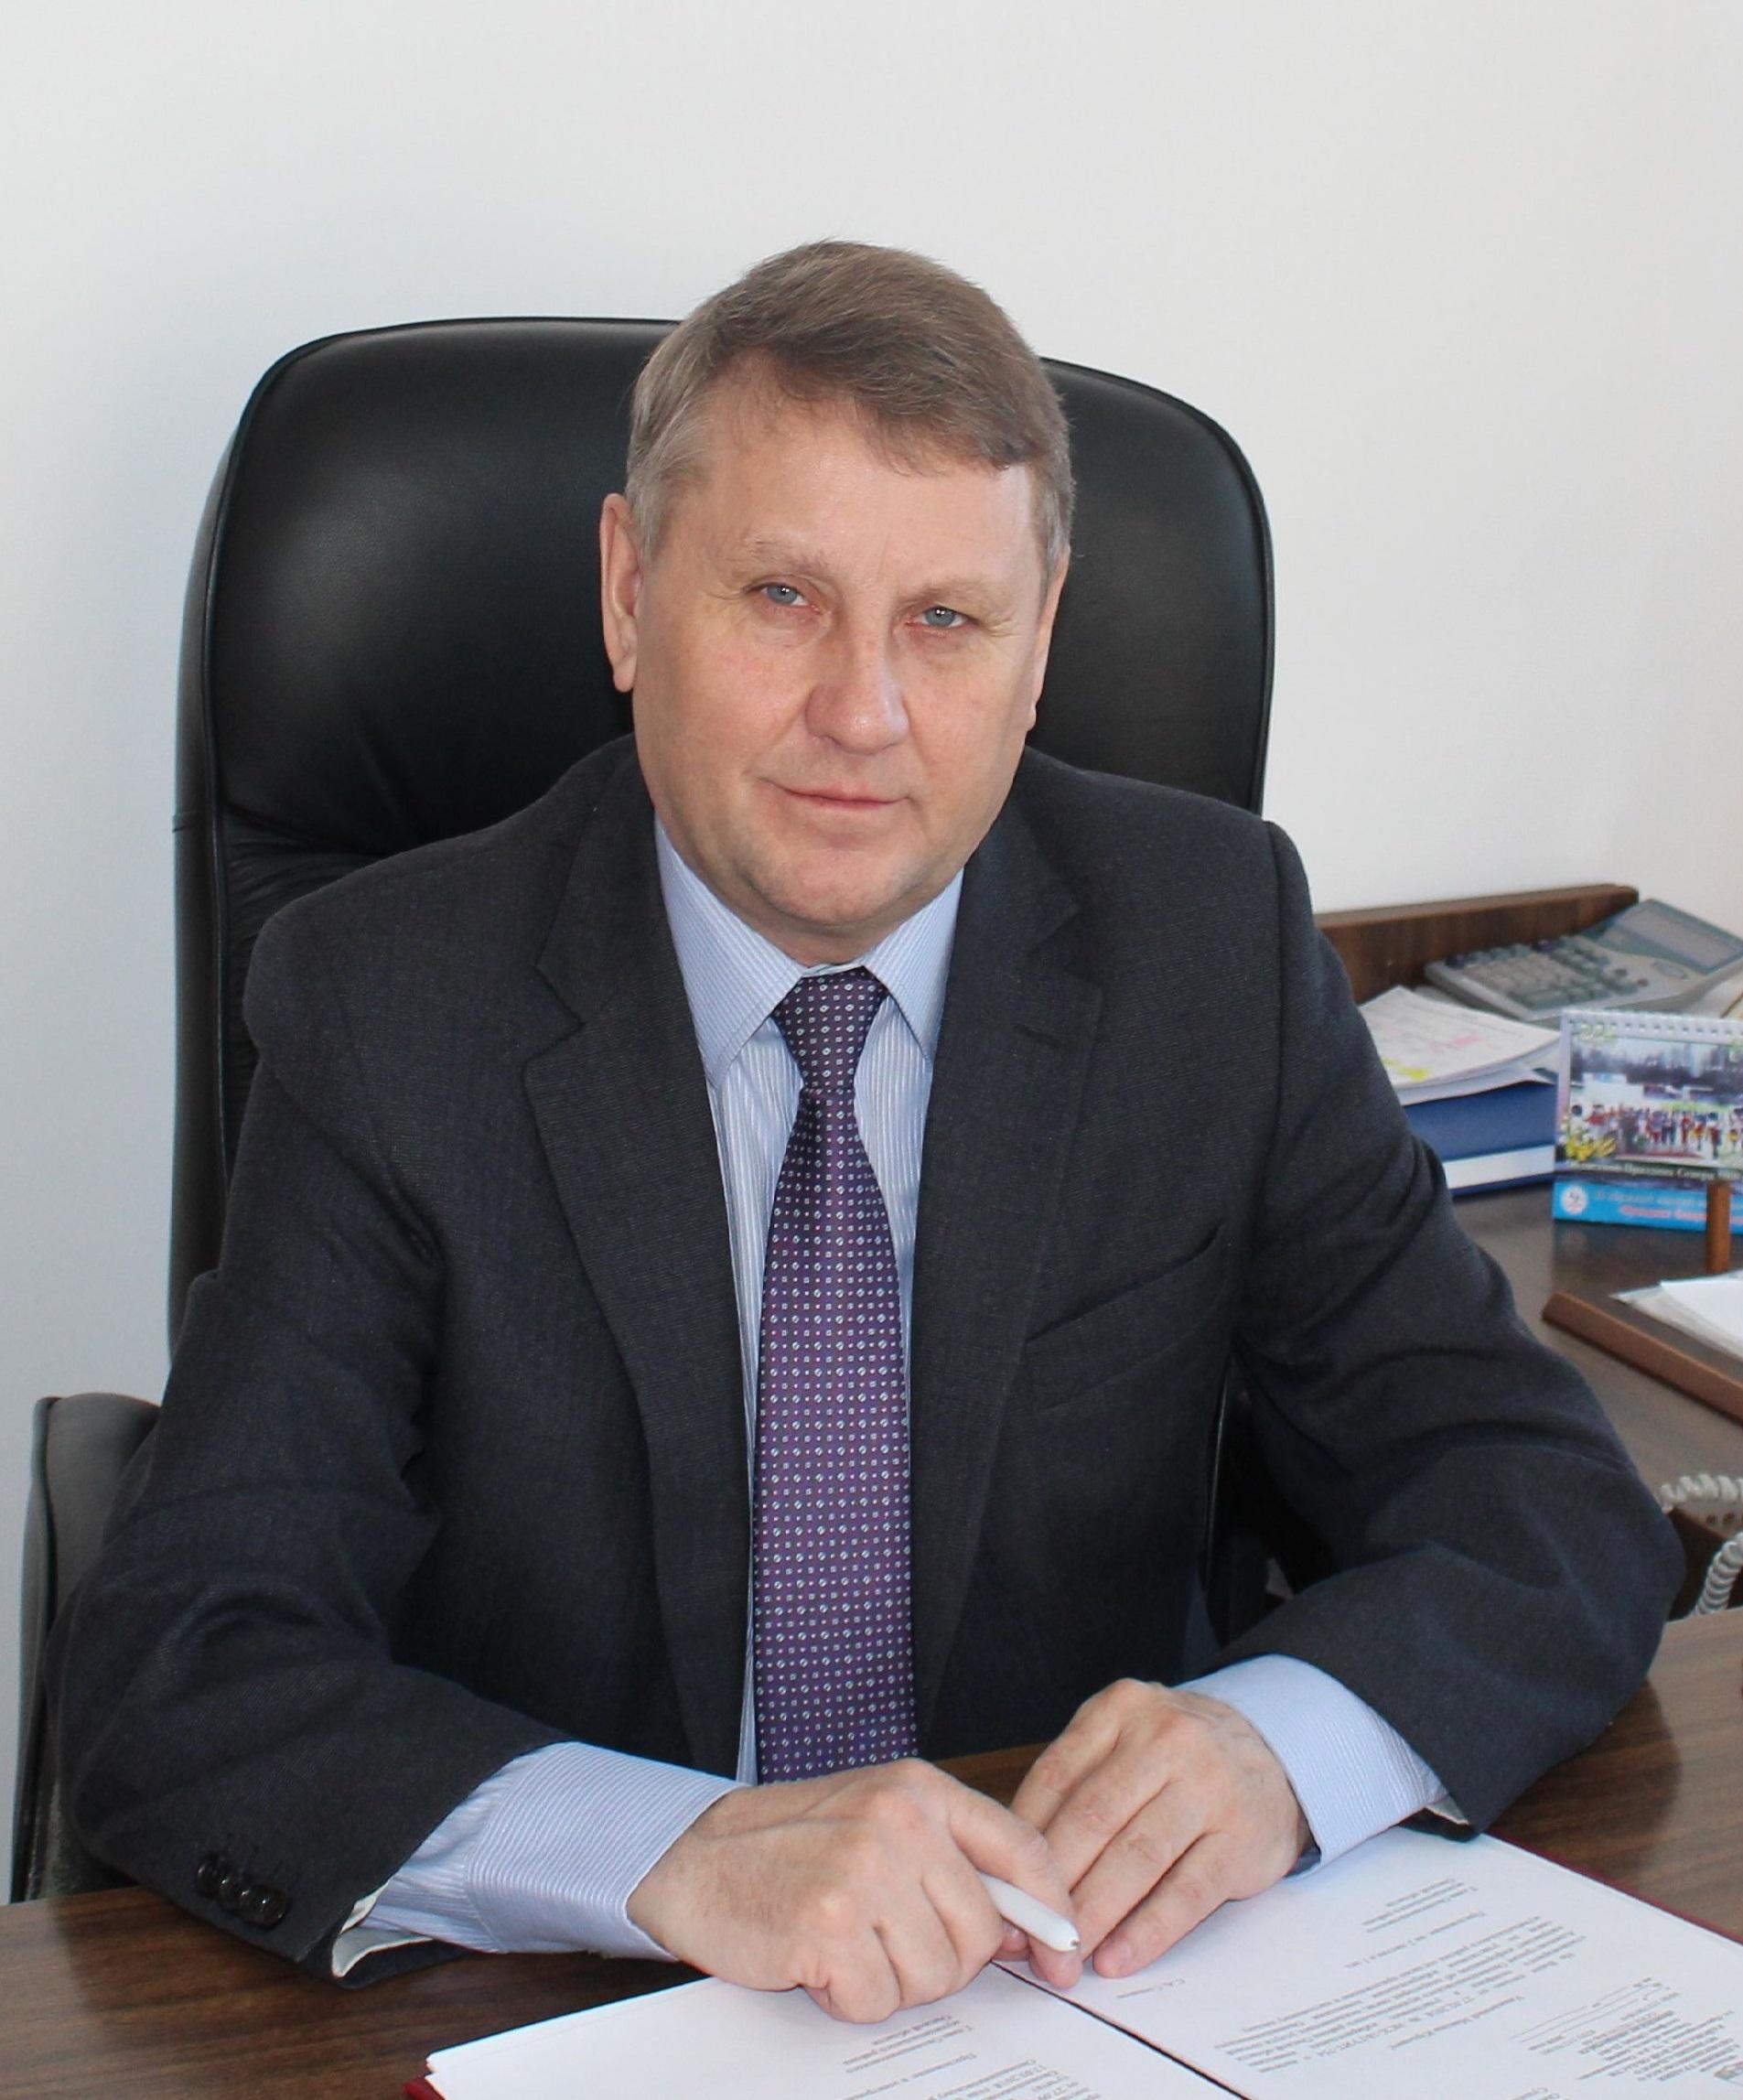 Главу Оконешниковского района переизбрали на второй срок #Омск #Общество #Сегодня